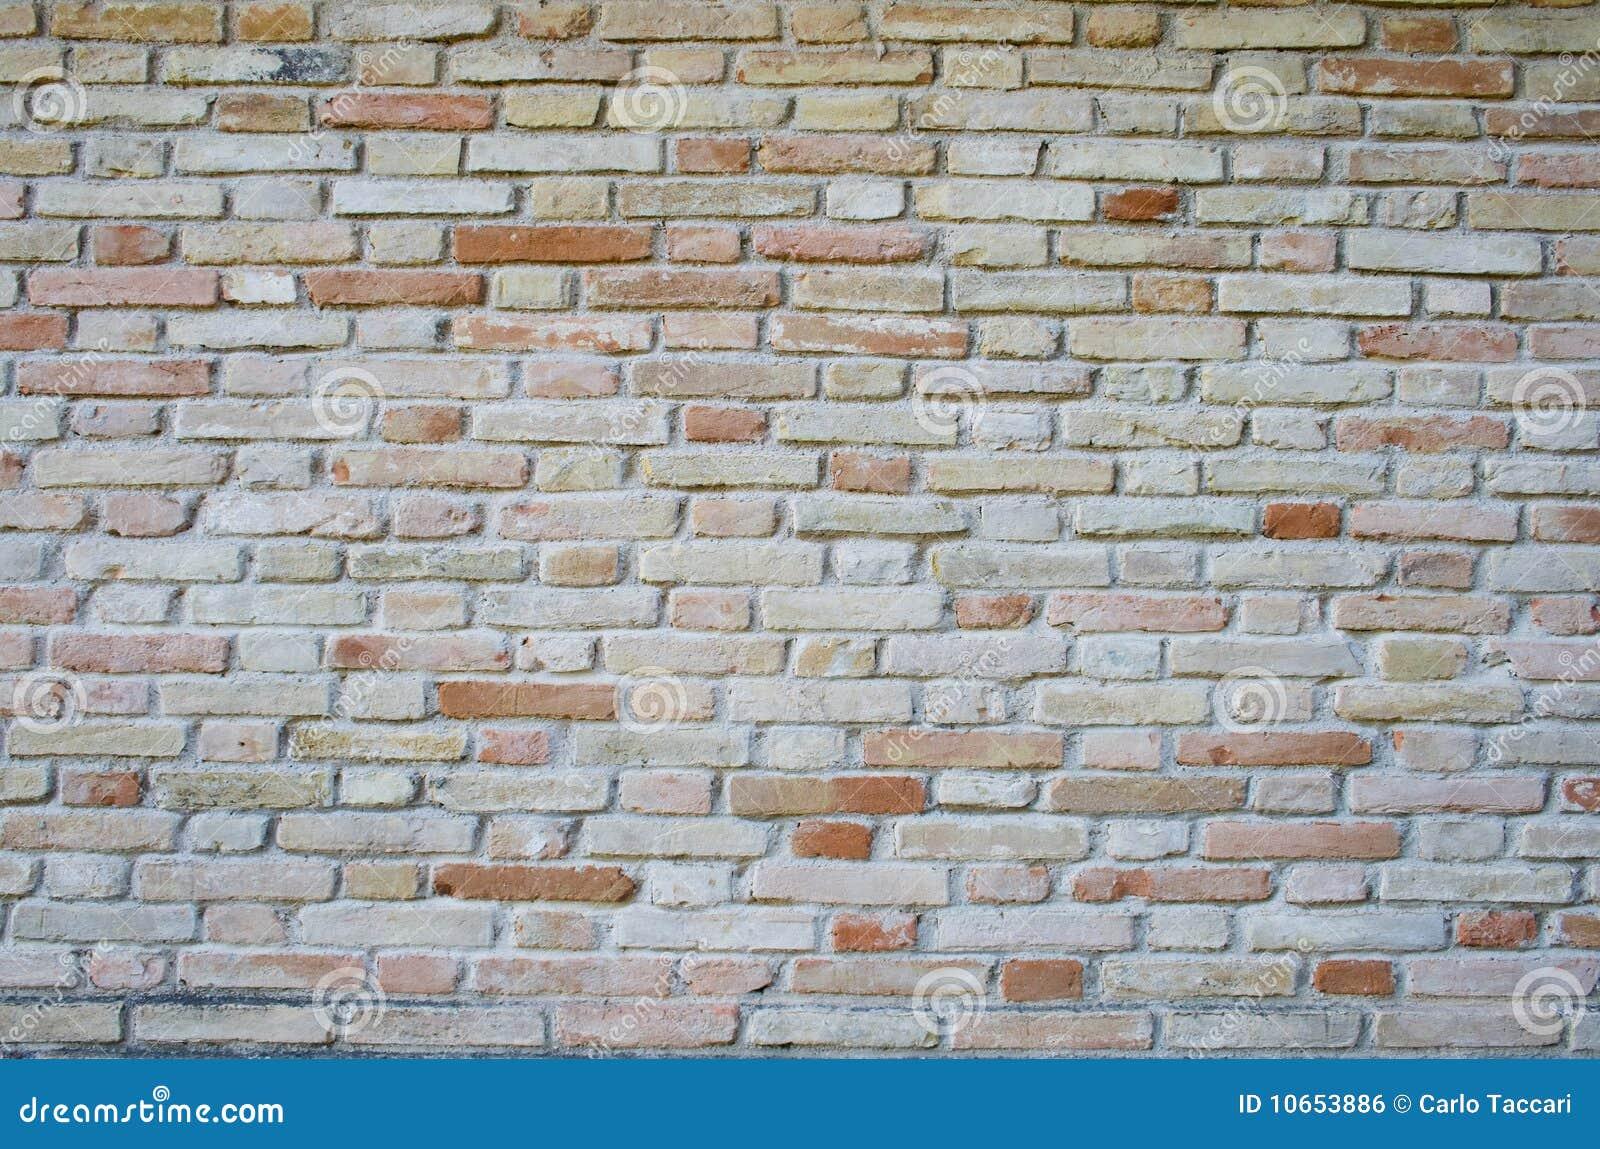 Muro mattoni bianchi immagini ispirazione sul design for Disegni di garage di mattoni